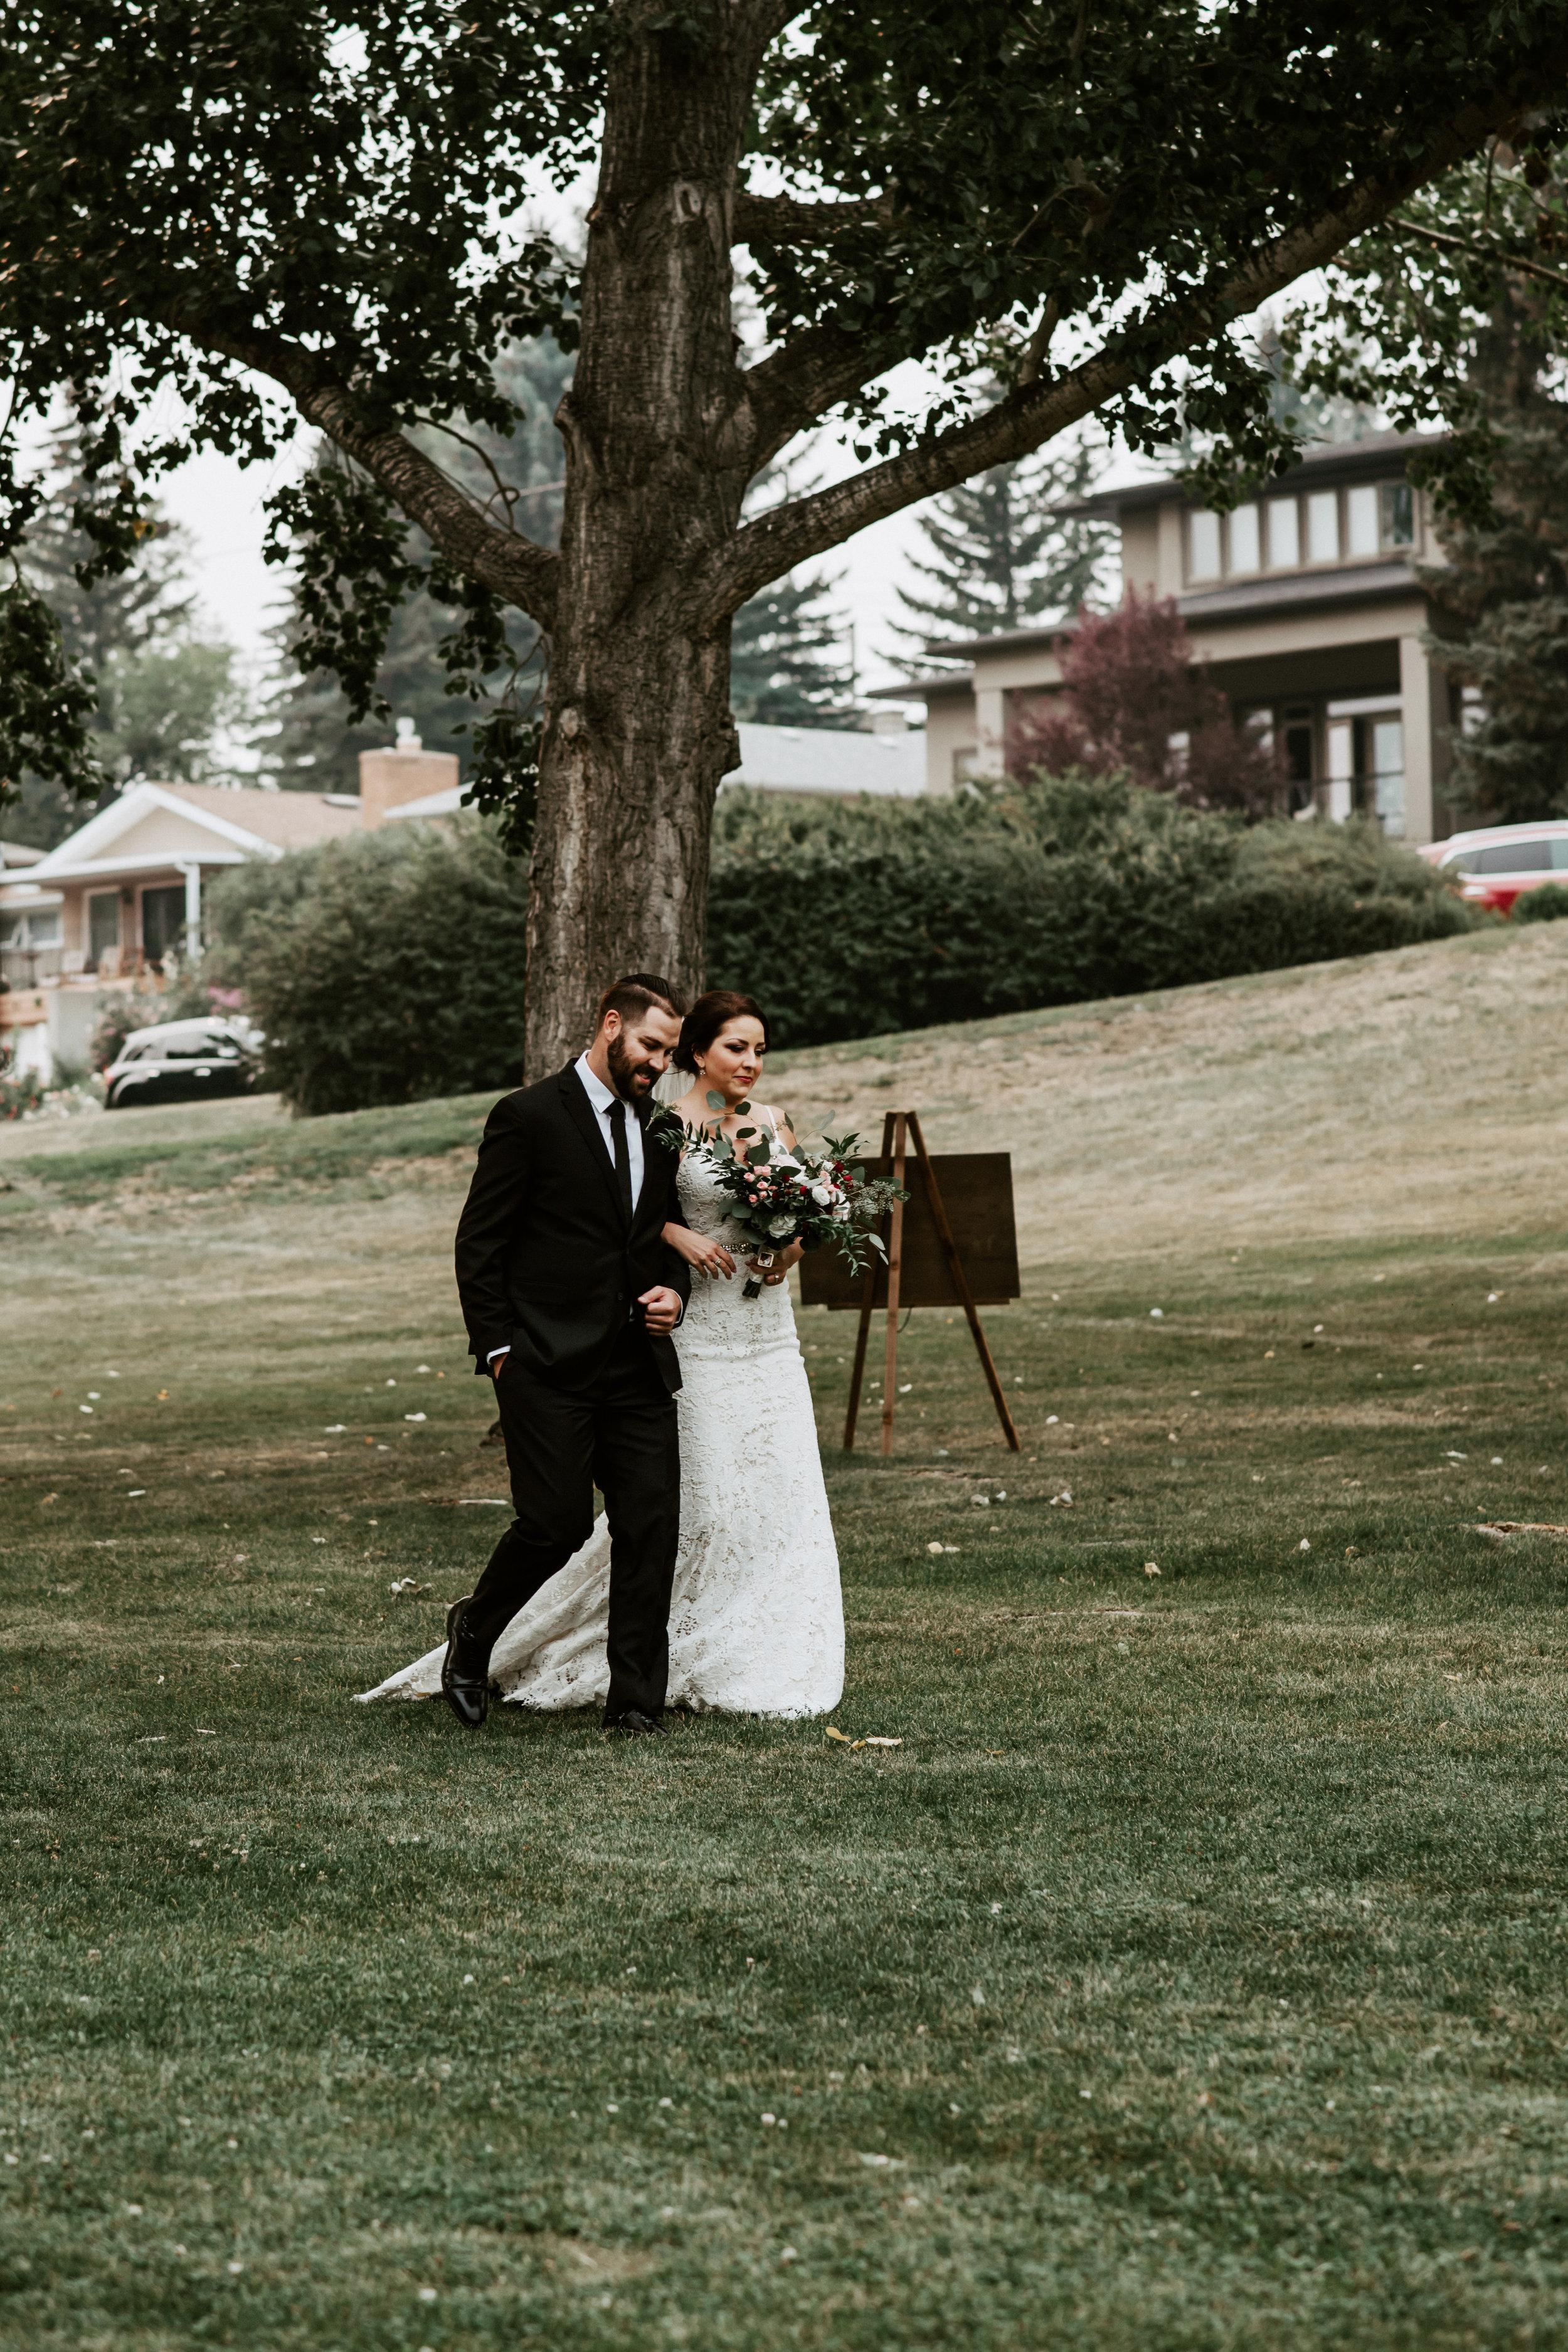 Calgary Wedding Photographer - 20 of 84.jpg